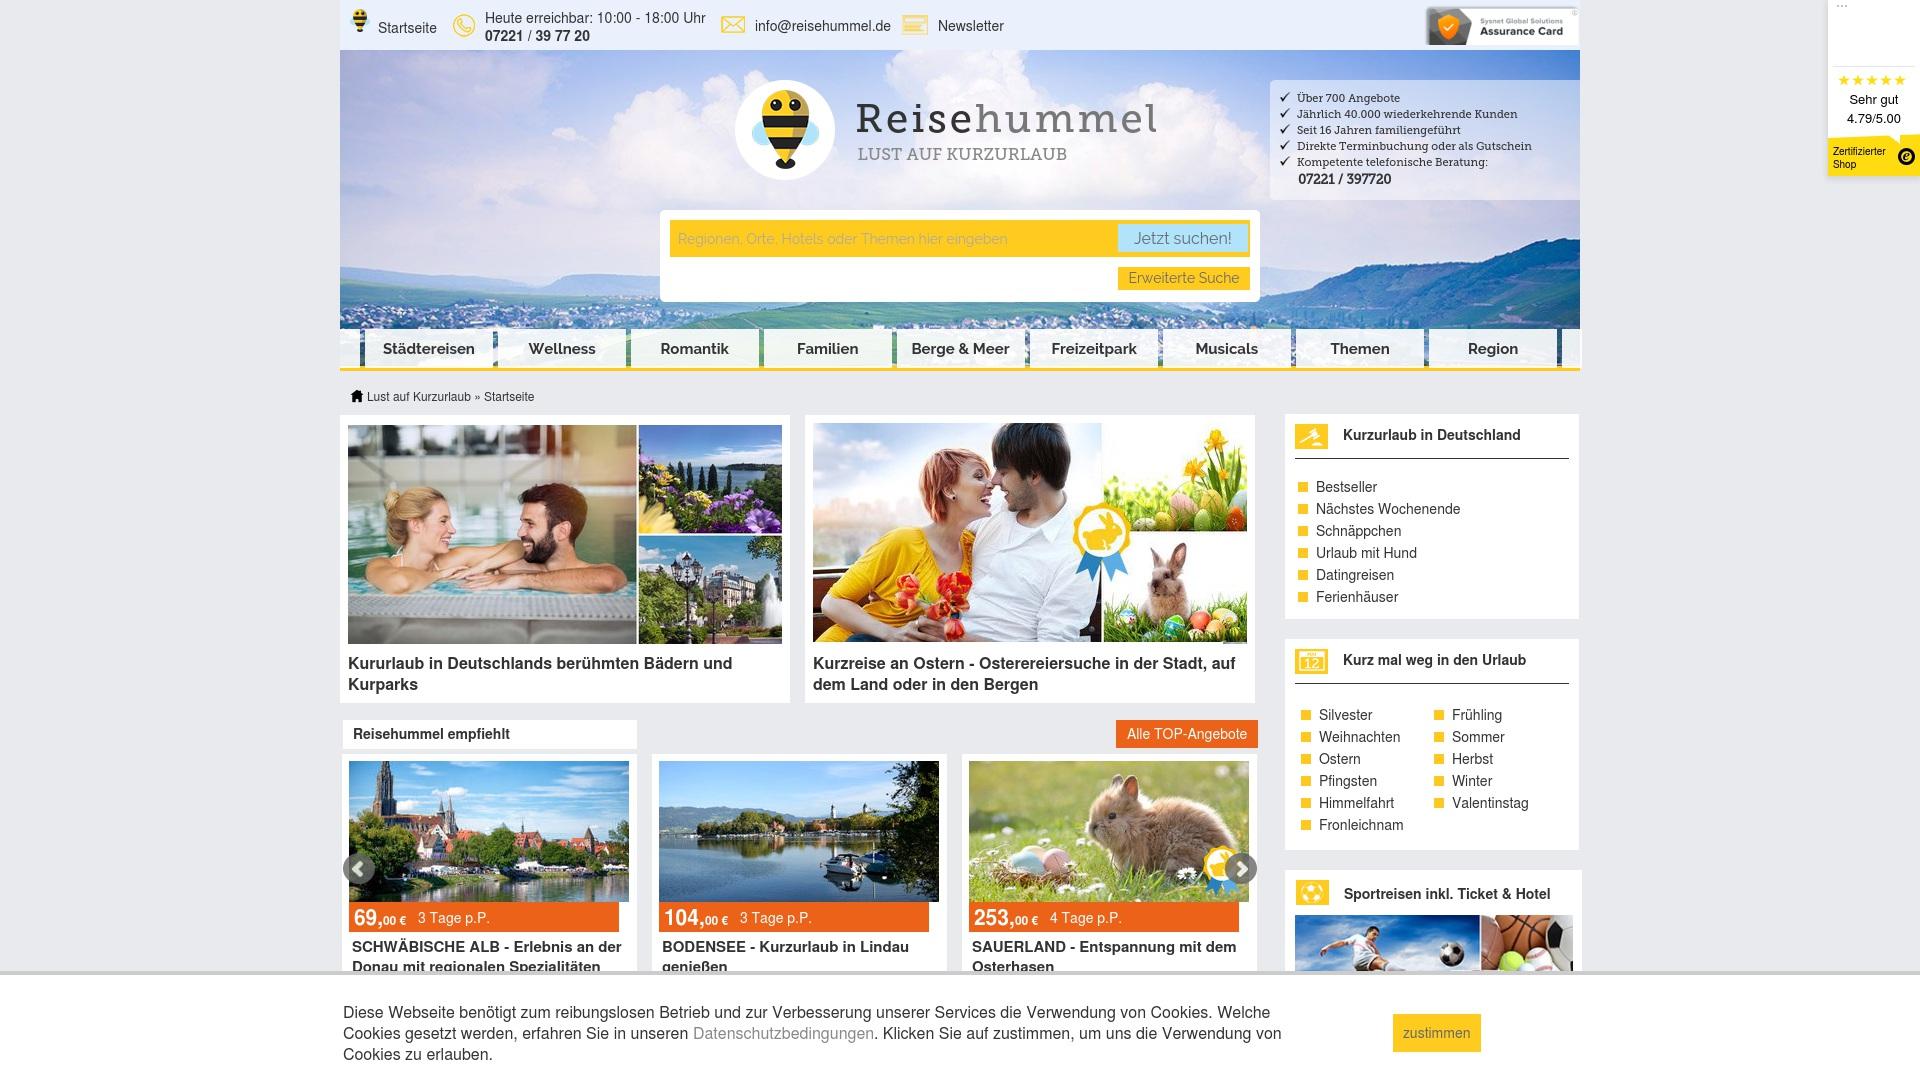 Gutschein für Reisehummel: Rabatte für  Reisehummel sichern